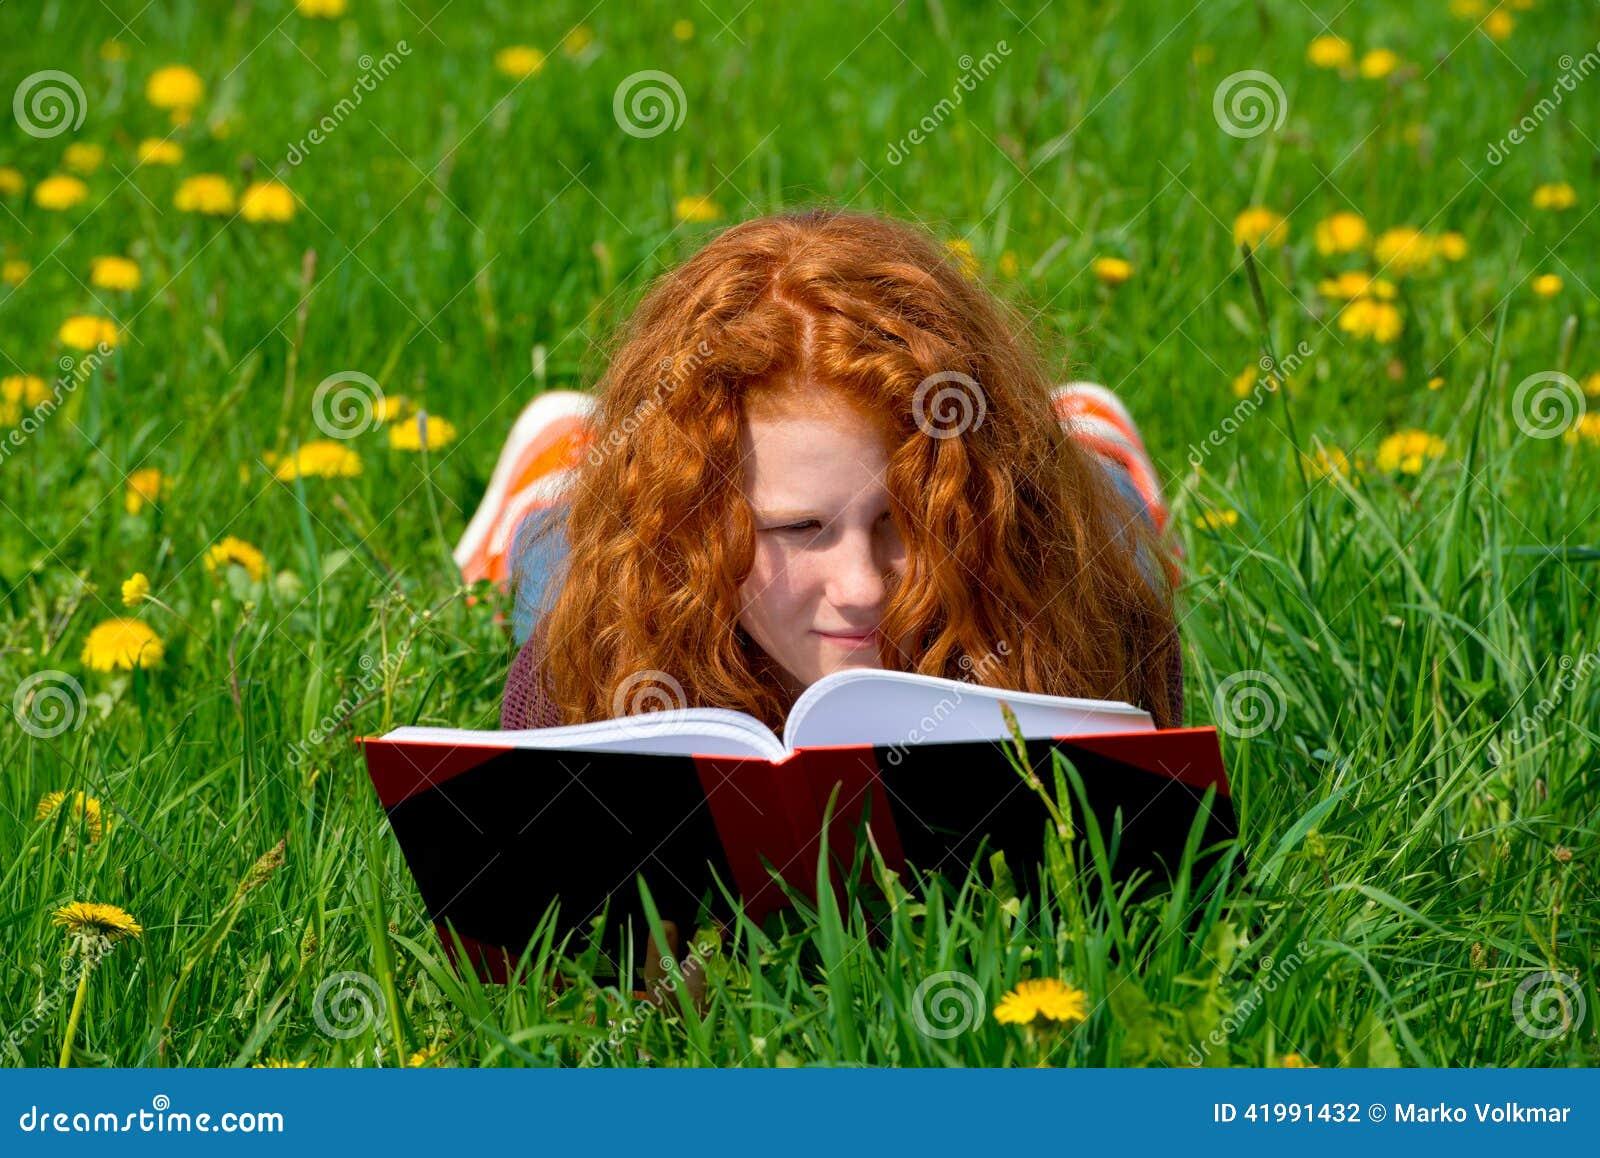 Flickan läser i våräng